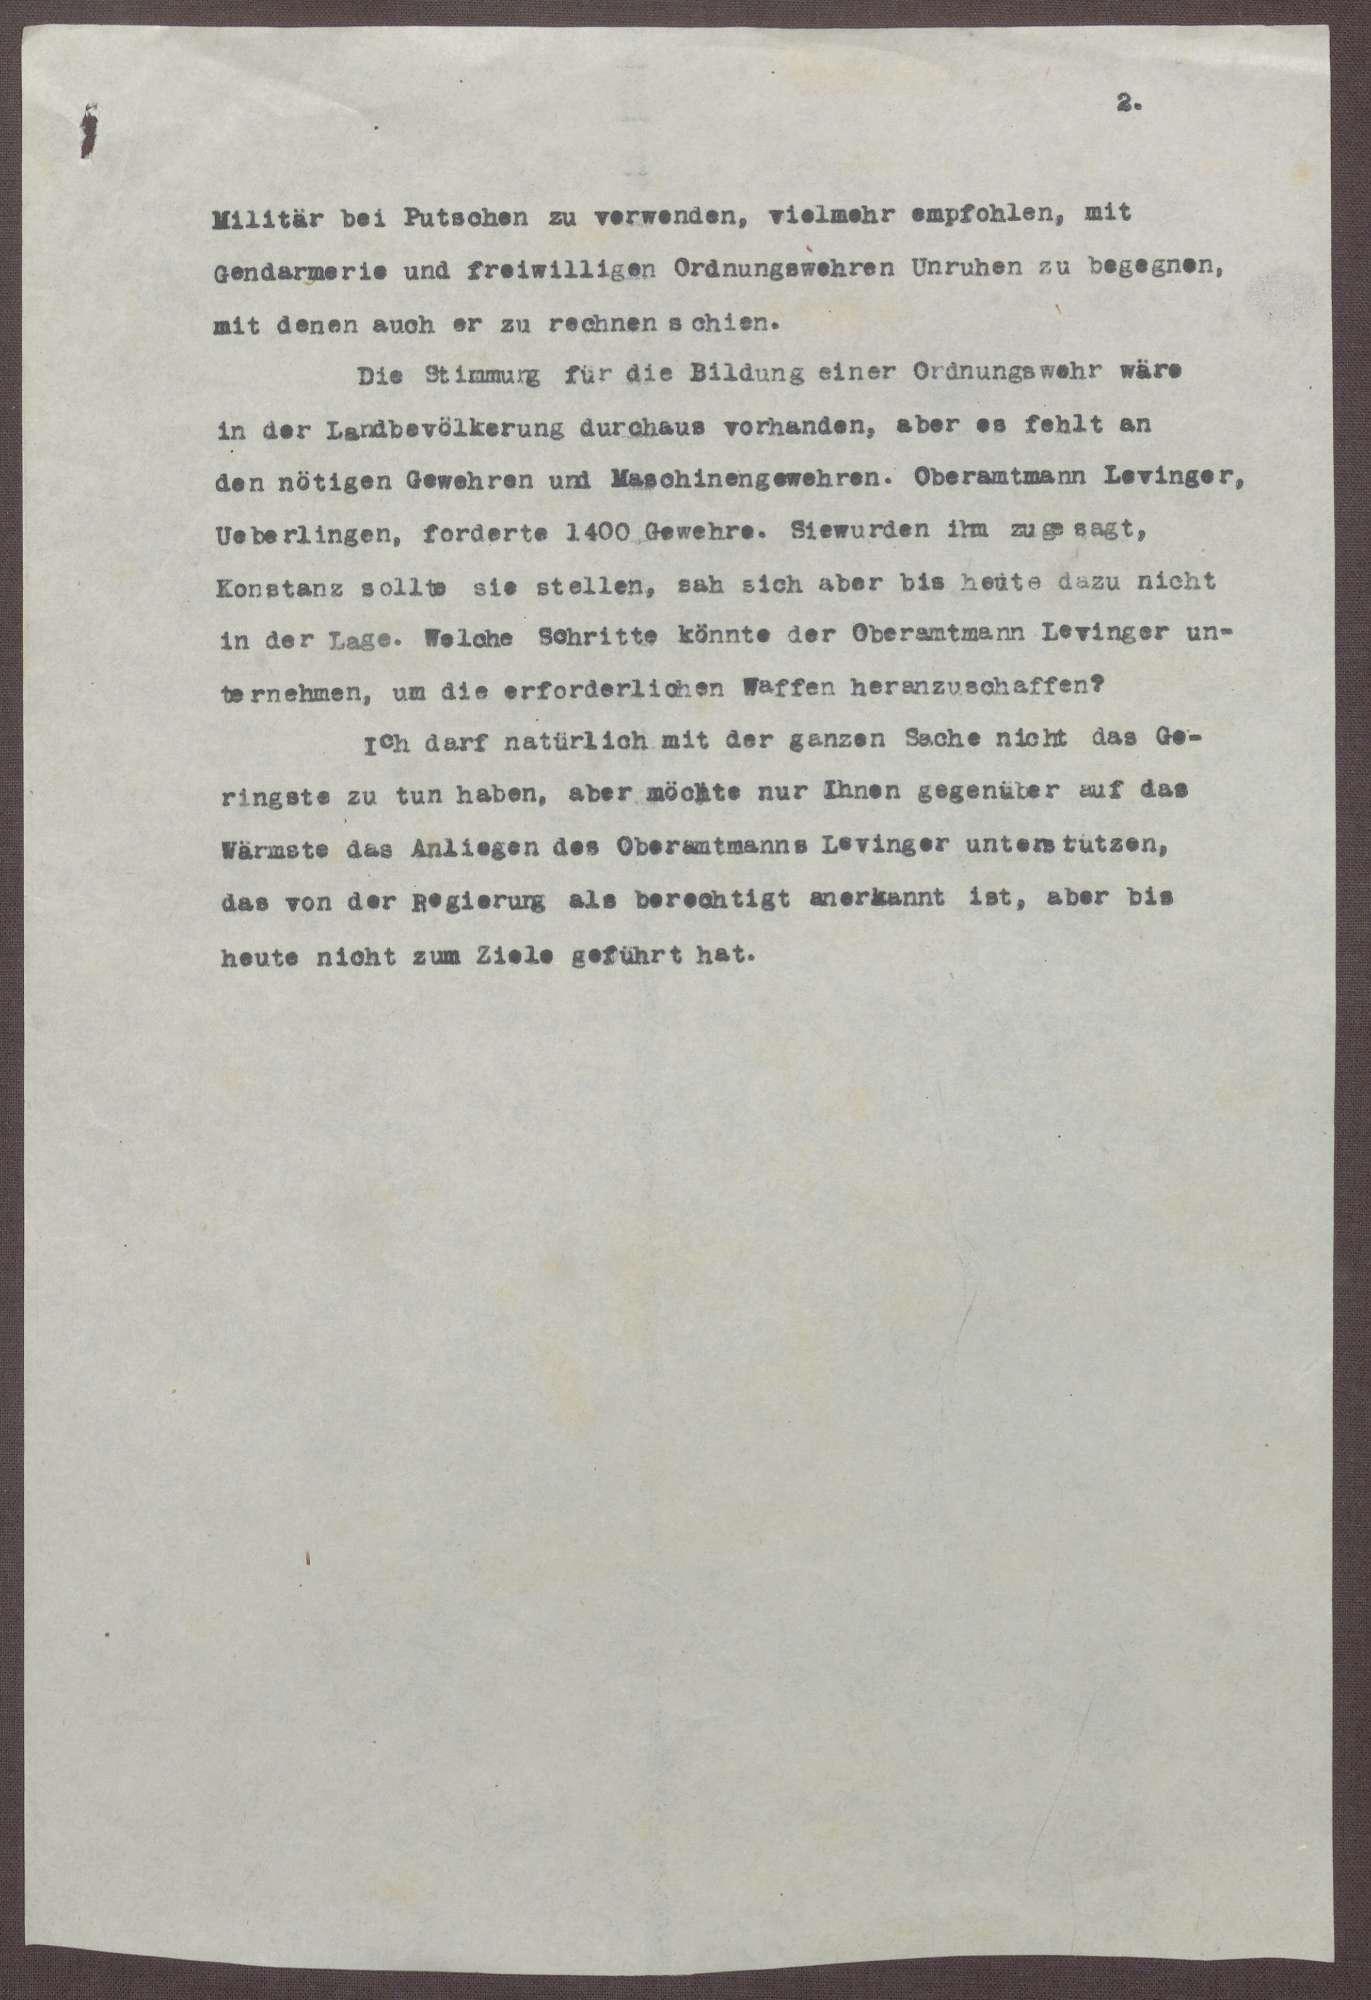 Schreiben von Prinz Max von Baden an Ludwig Haas; Spartakisten am Bodensee, Verbot der Bewaffnung durch Minister Adam Remmele, Bild 2